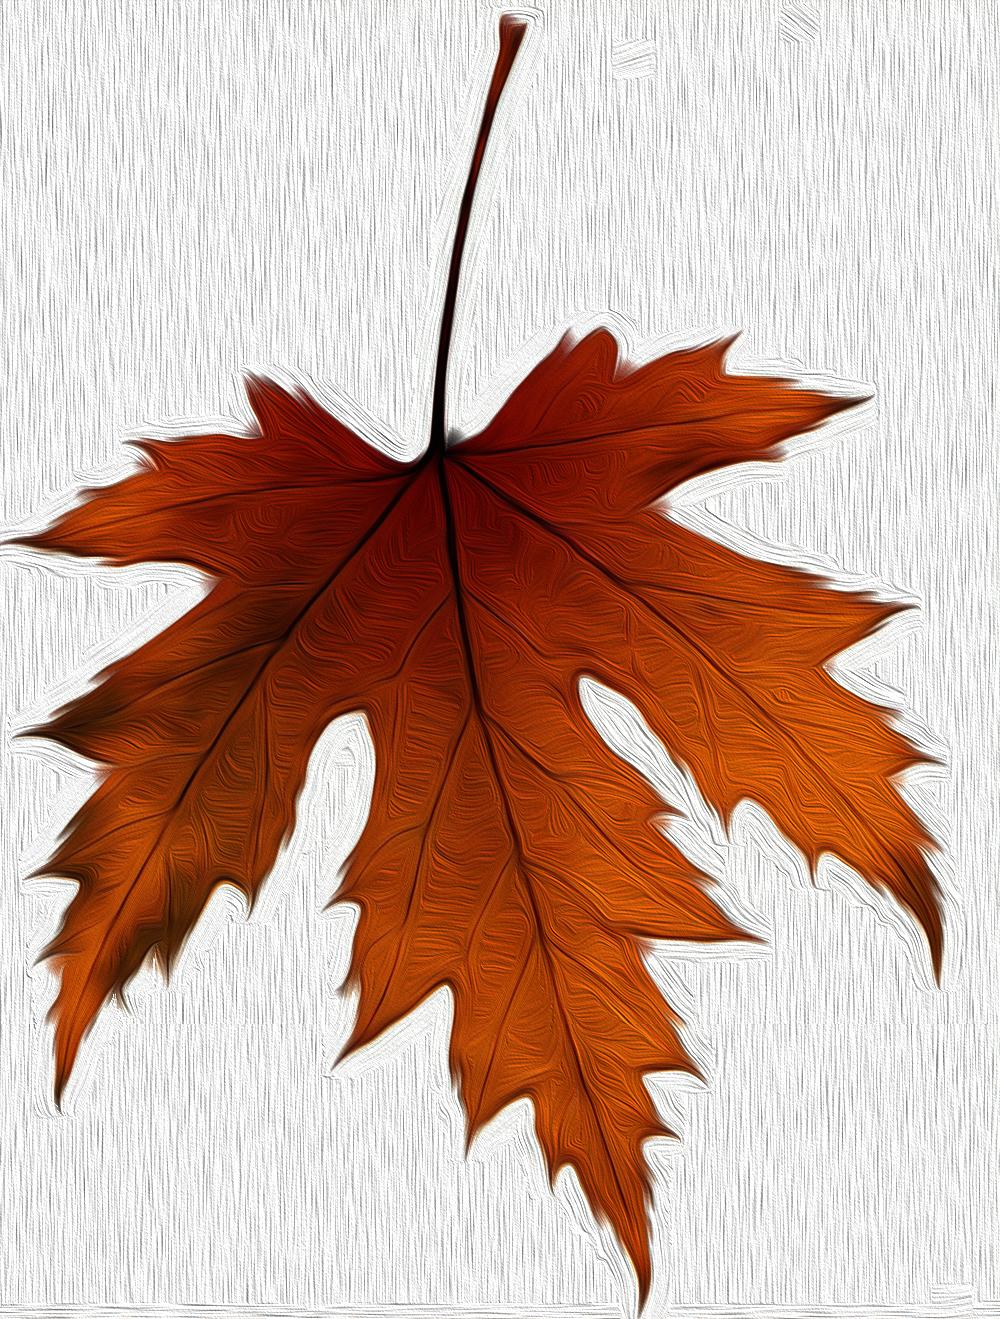 Hoja de un rbol ilustraciones gratis hojas hojas de for Arboles de hoja perenne en galicia